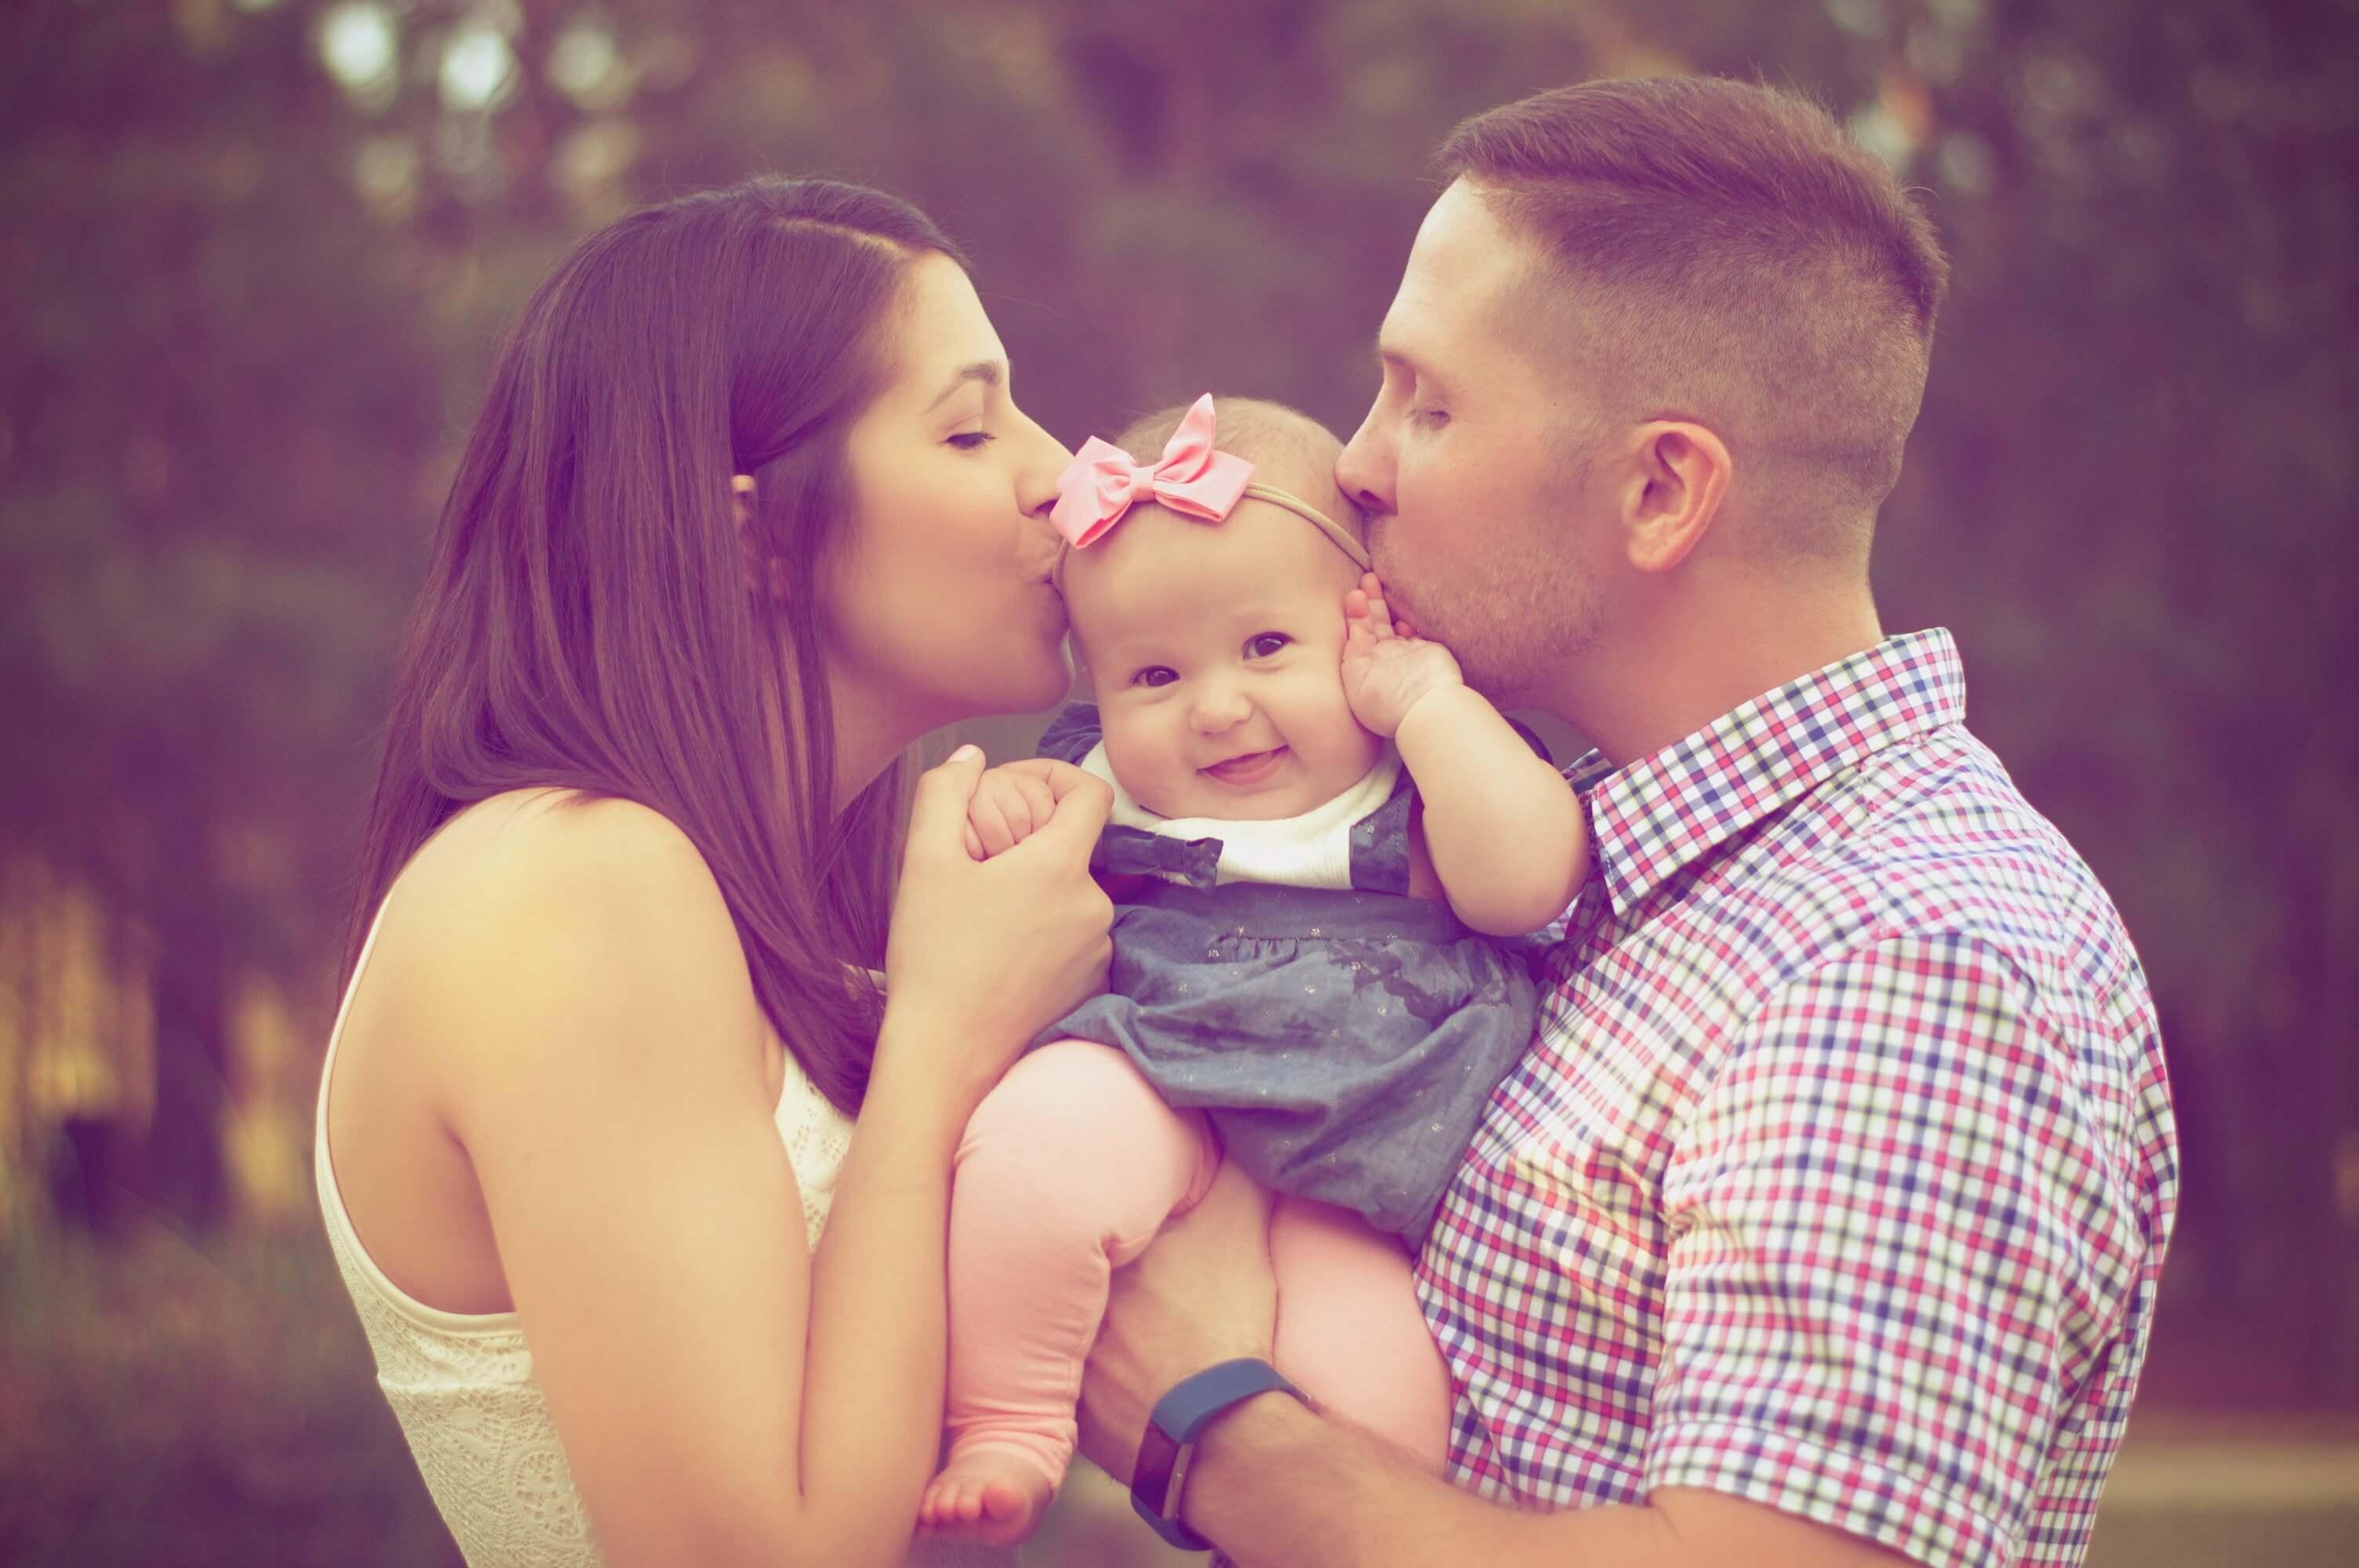 babyandkidfashion, anyuka és apuka boldogan csókolják mosolygós kislányukat, aki magyar babaruhát visel a képen..